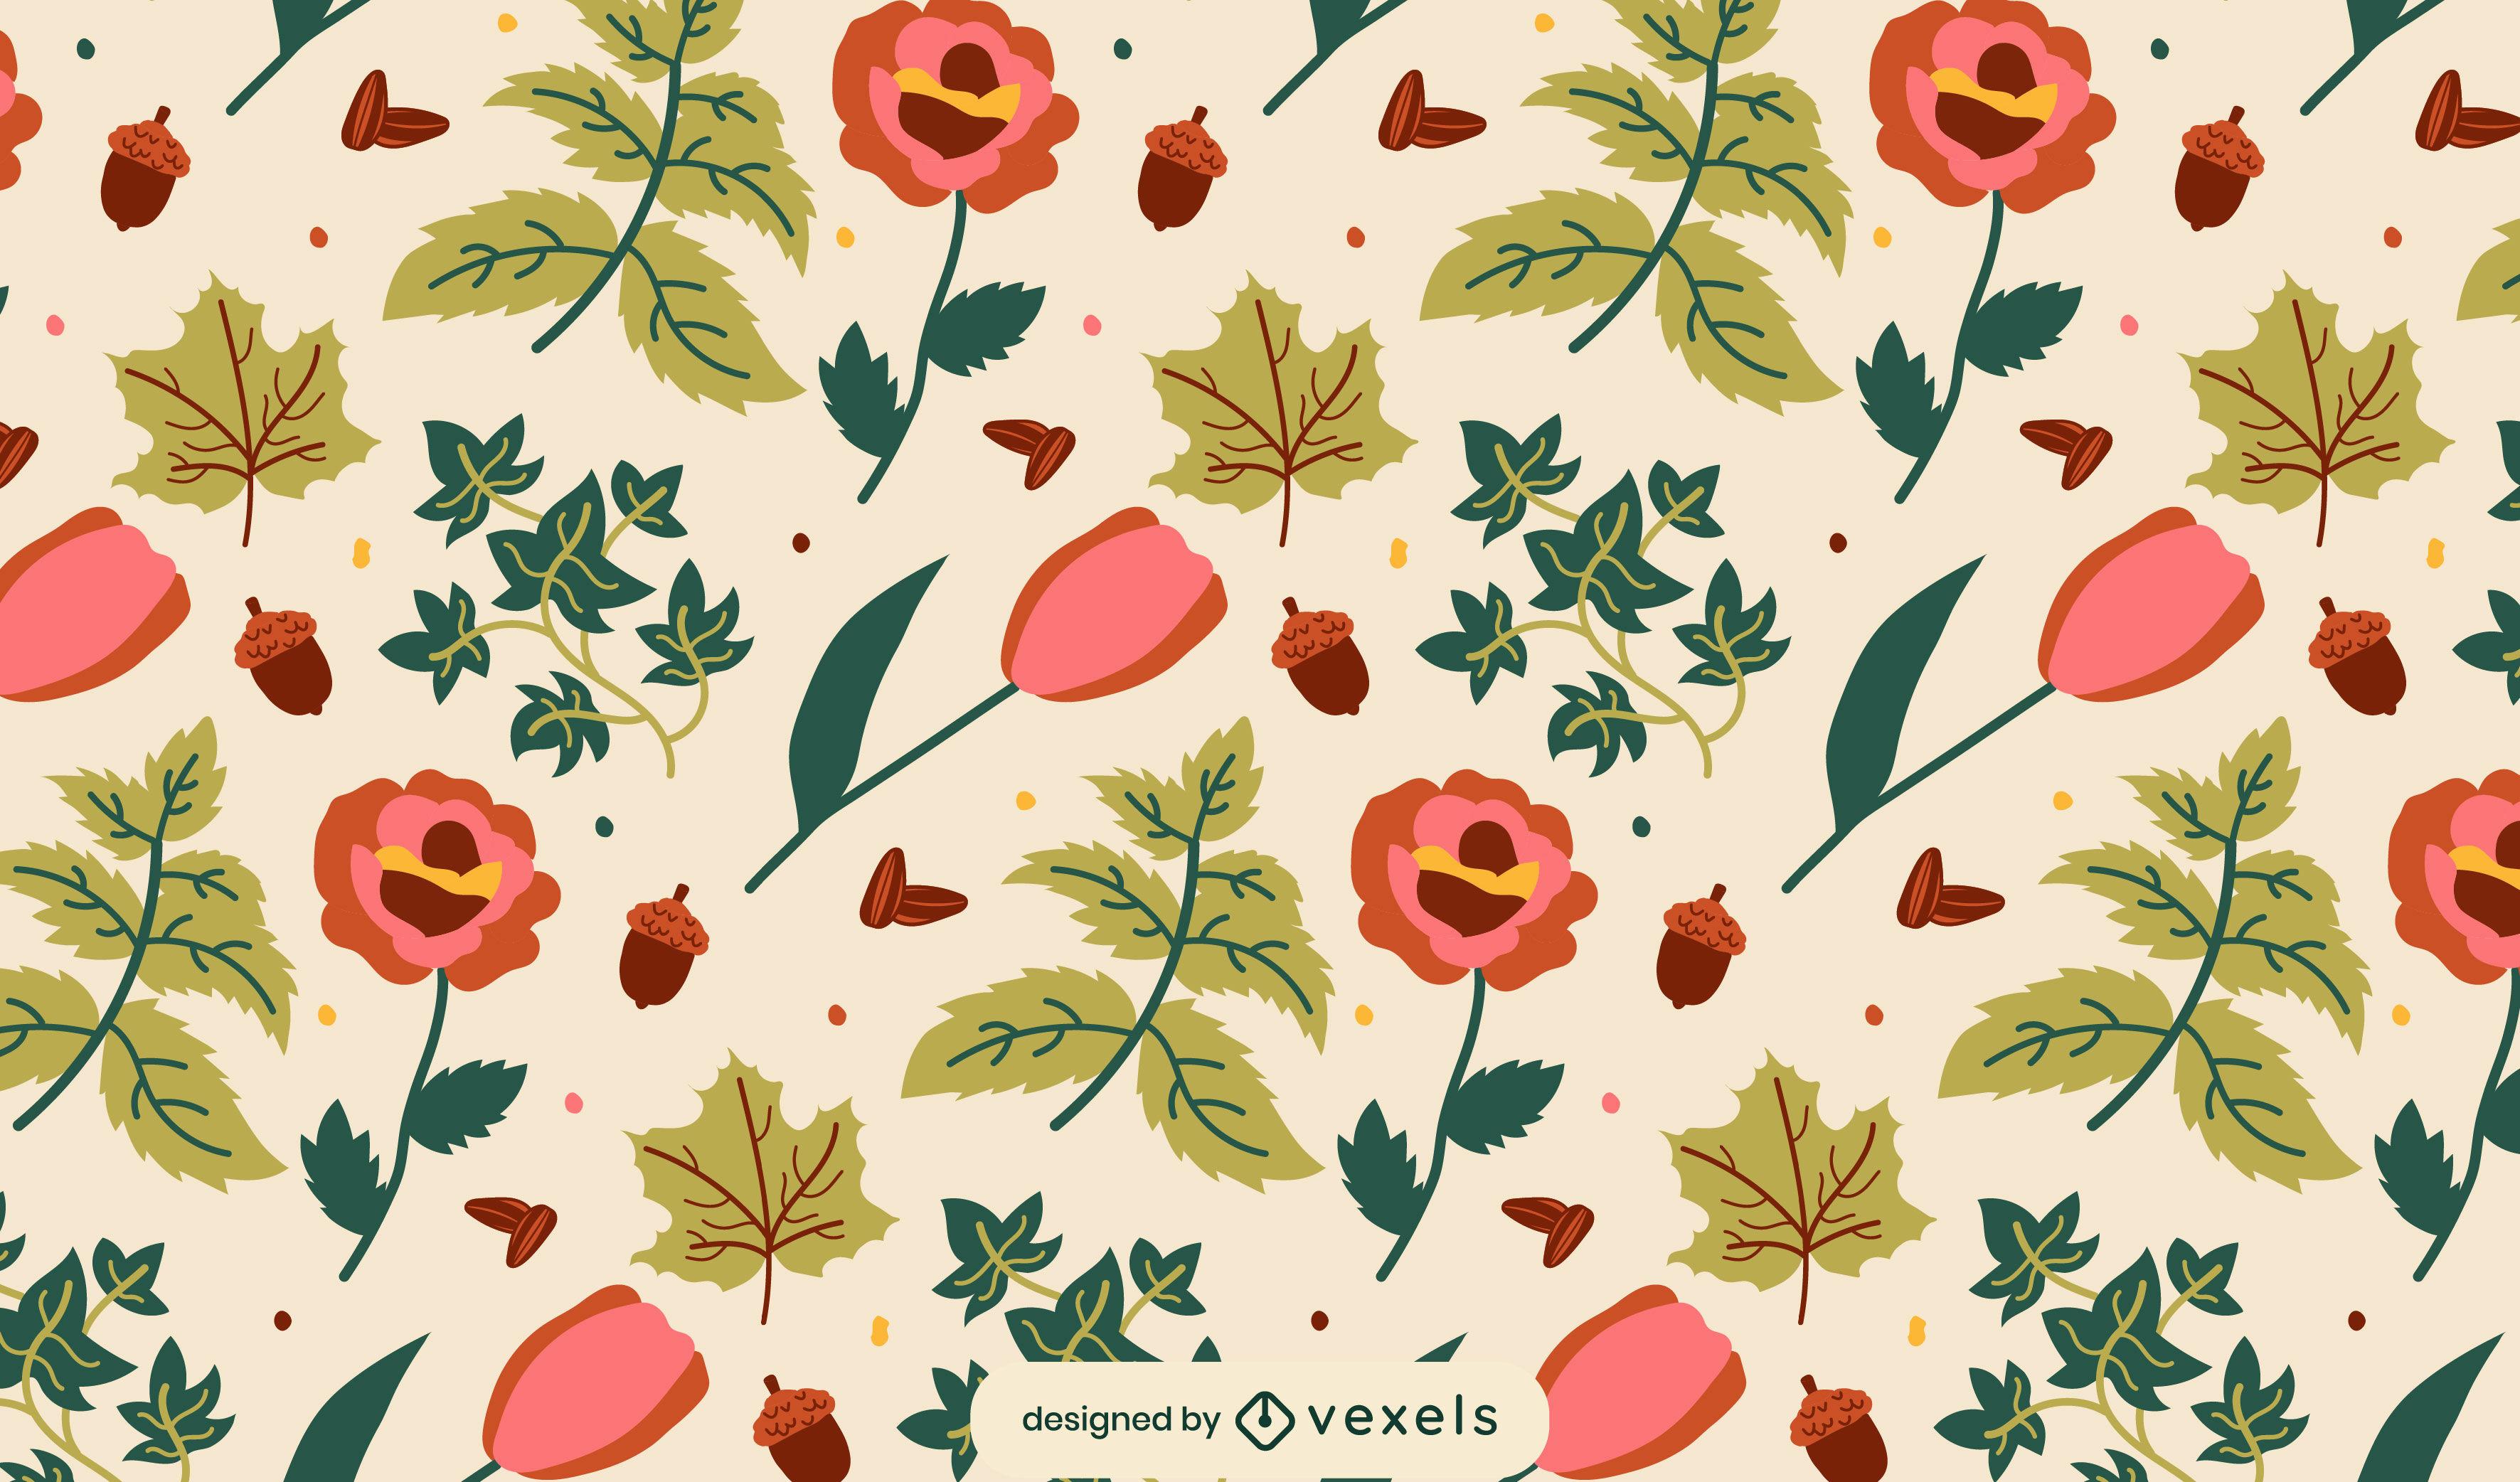 Patrón plano de flores y hojas